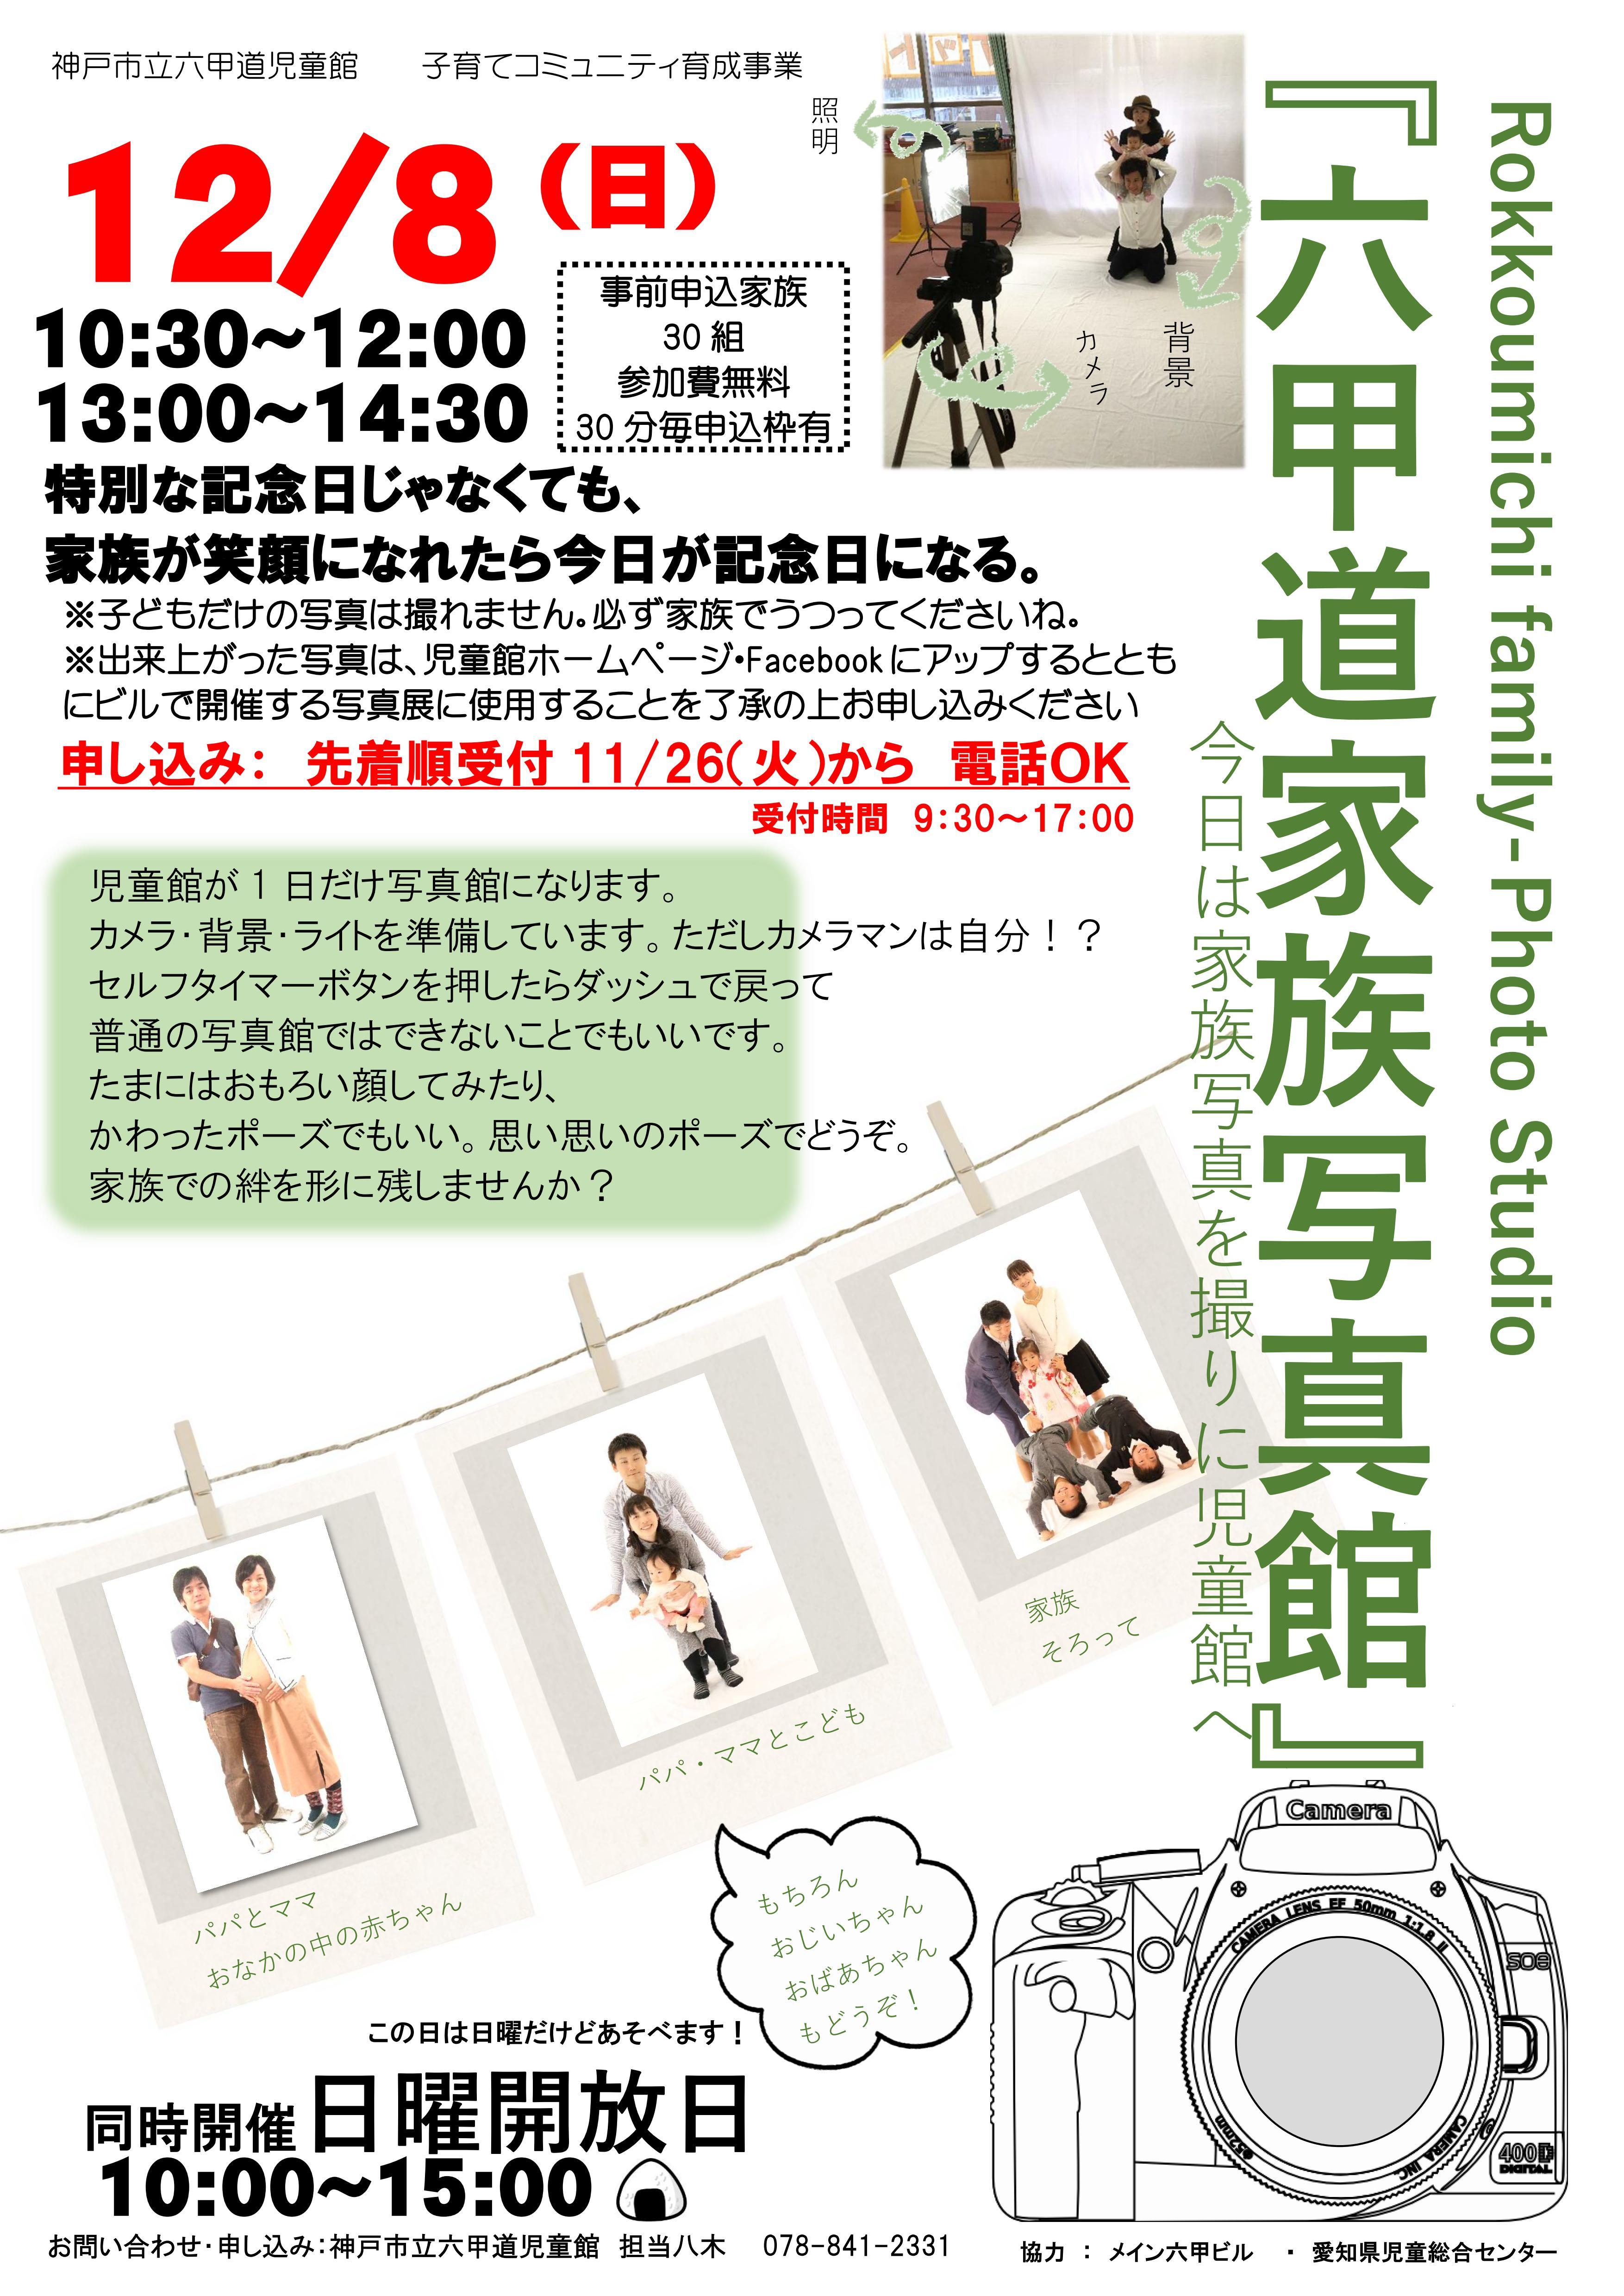 神戸市立六甲道児童館「六甲道家族写真館」